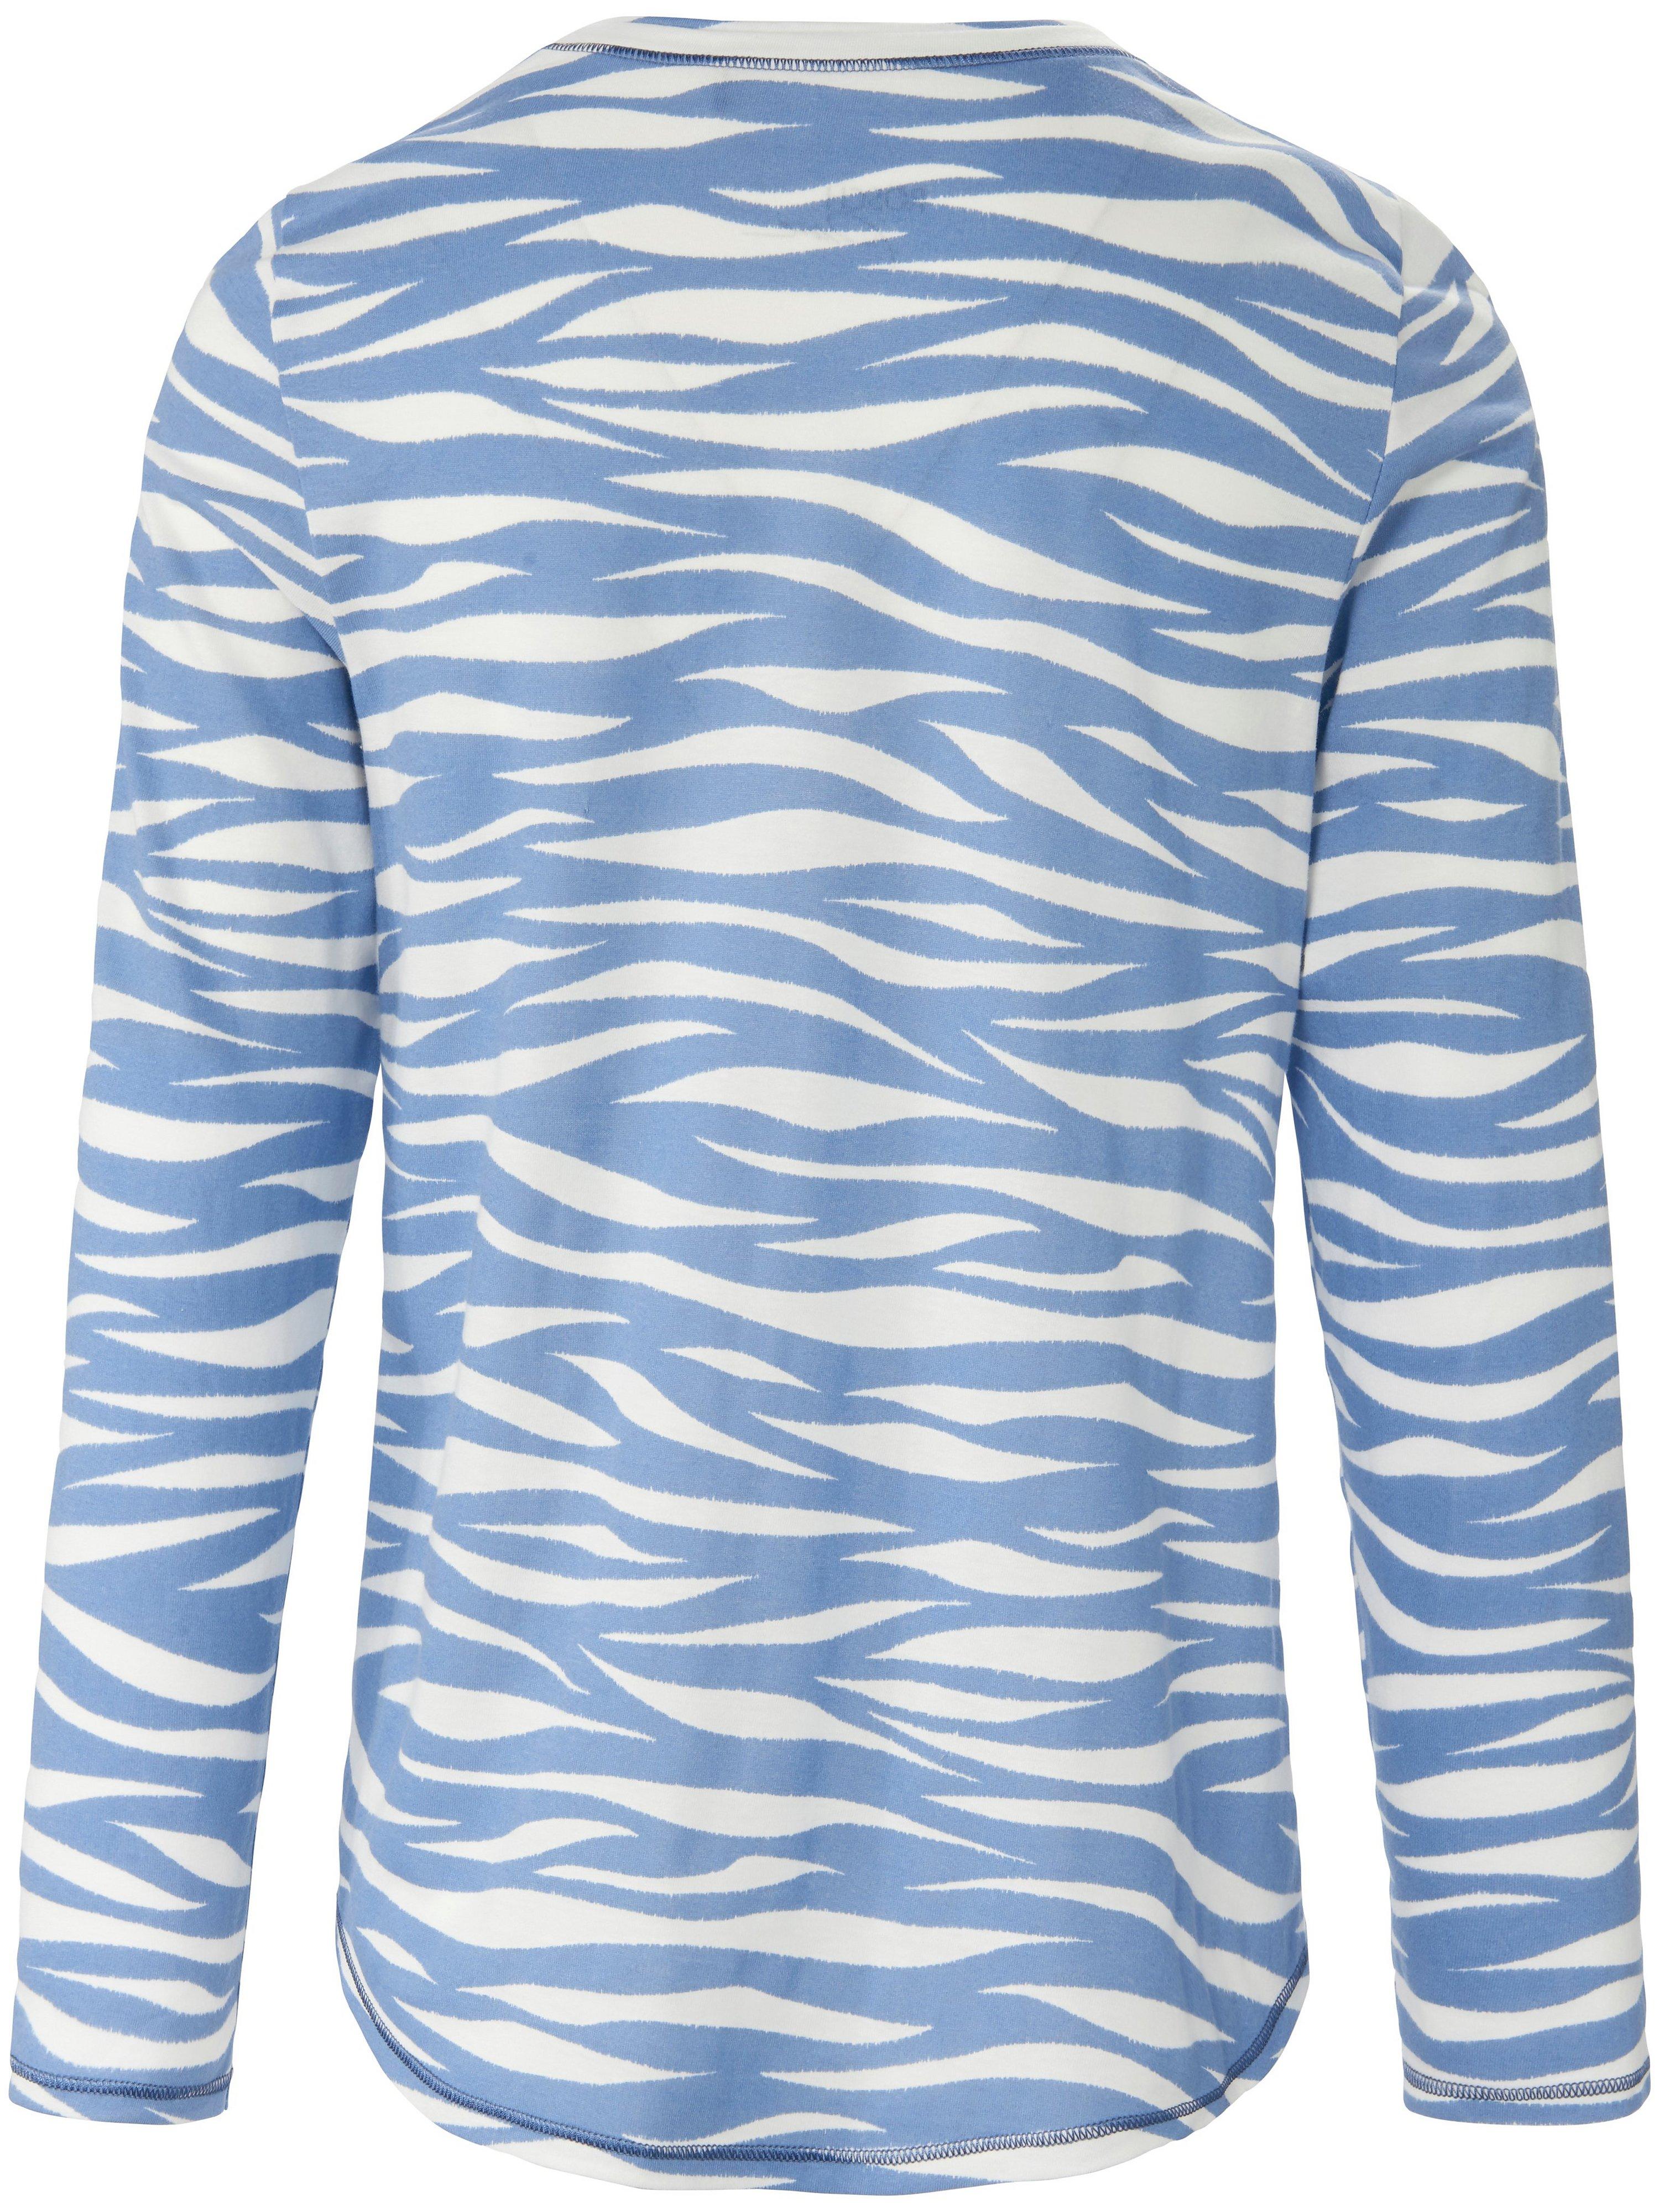 Pyjamas i blød og lækker singlejersey Fra Rösch Pure blå